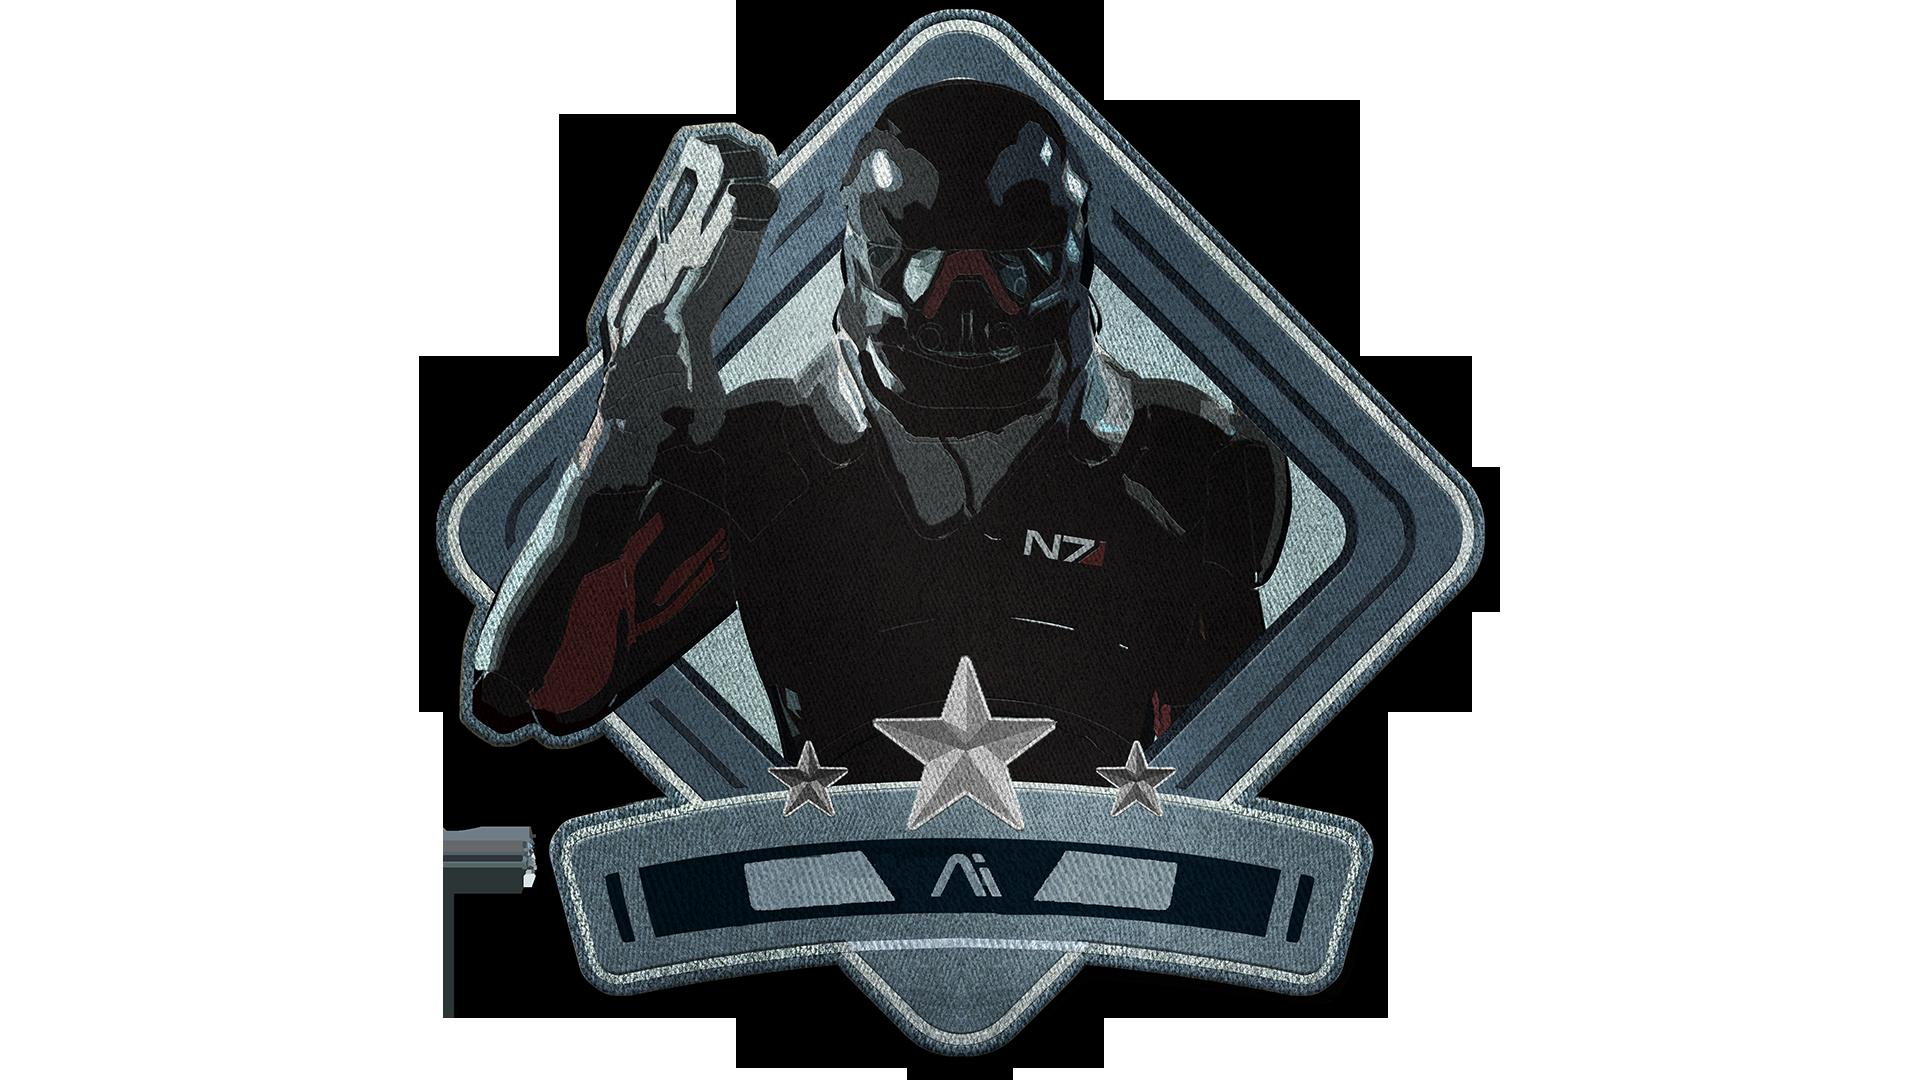 mass effect 2 brawler achievement guide